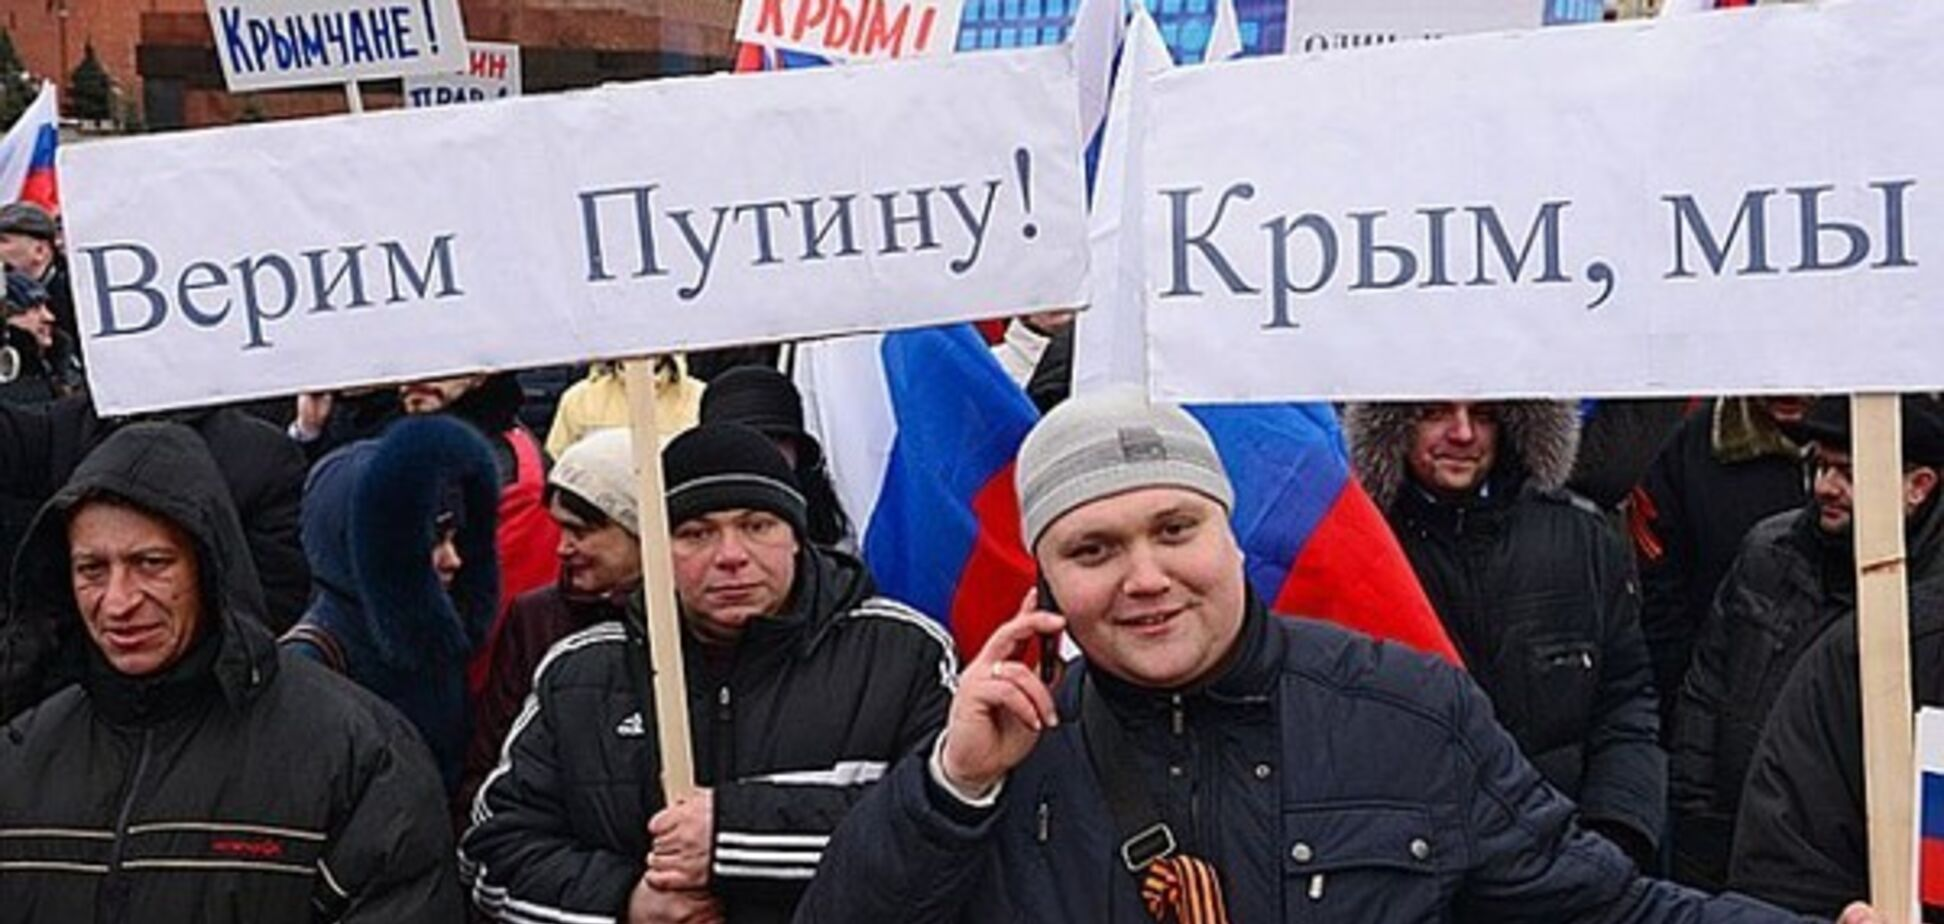 Скільки Росія втратила від анексії Криму: озвучено шокуючі цифри